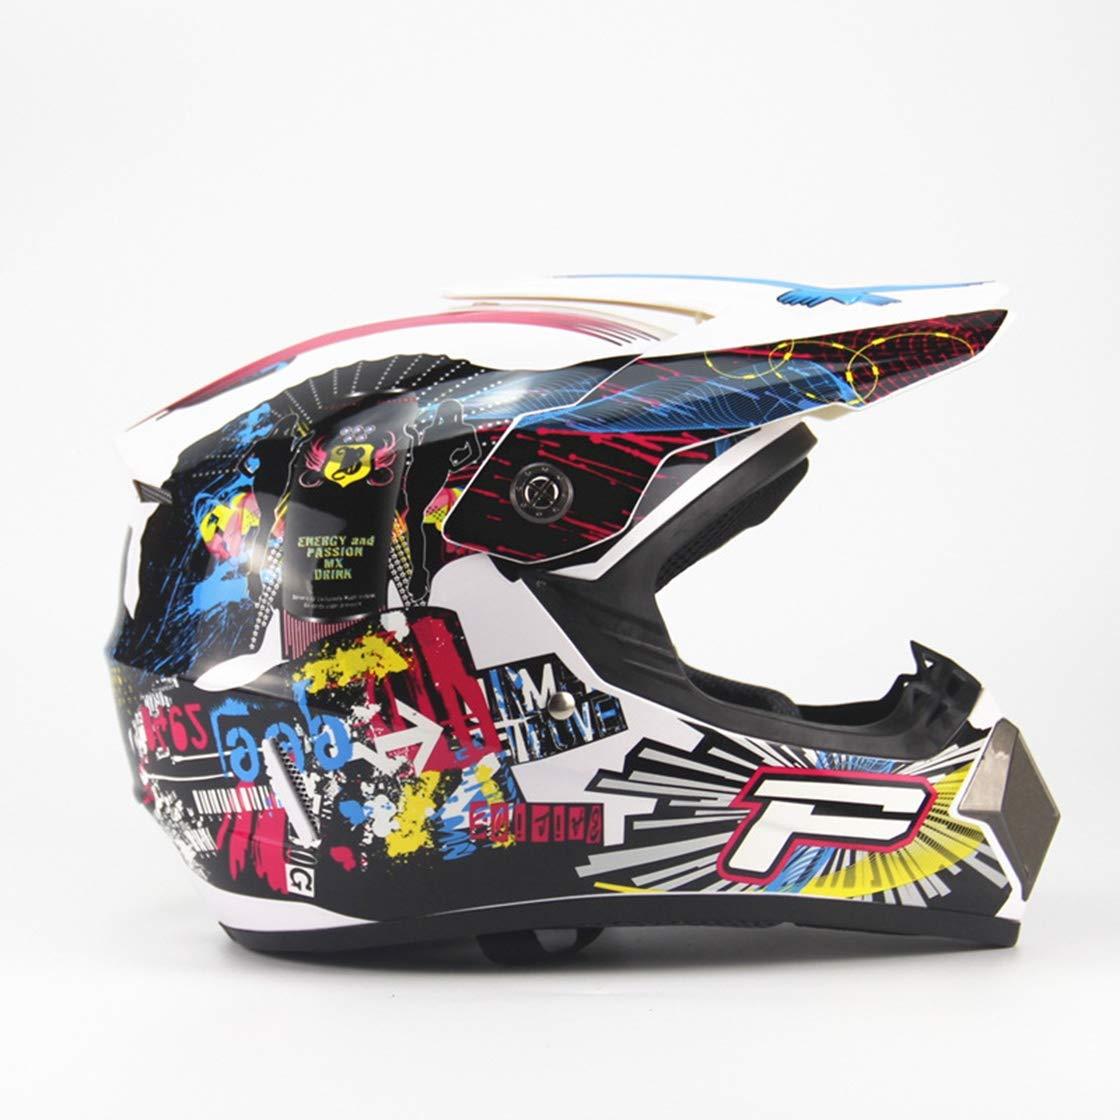 Ysayc Fahrrad Magnetische Gürtelbrille Helme Motorrad-Ausrüstung im Freien bunter Leichter Multifunktionsfahrradschutz Abnehmbarer Visier Deluxe-Helm, Blau